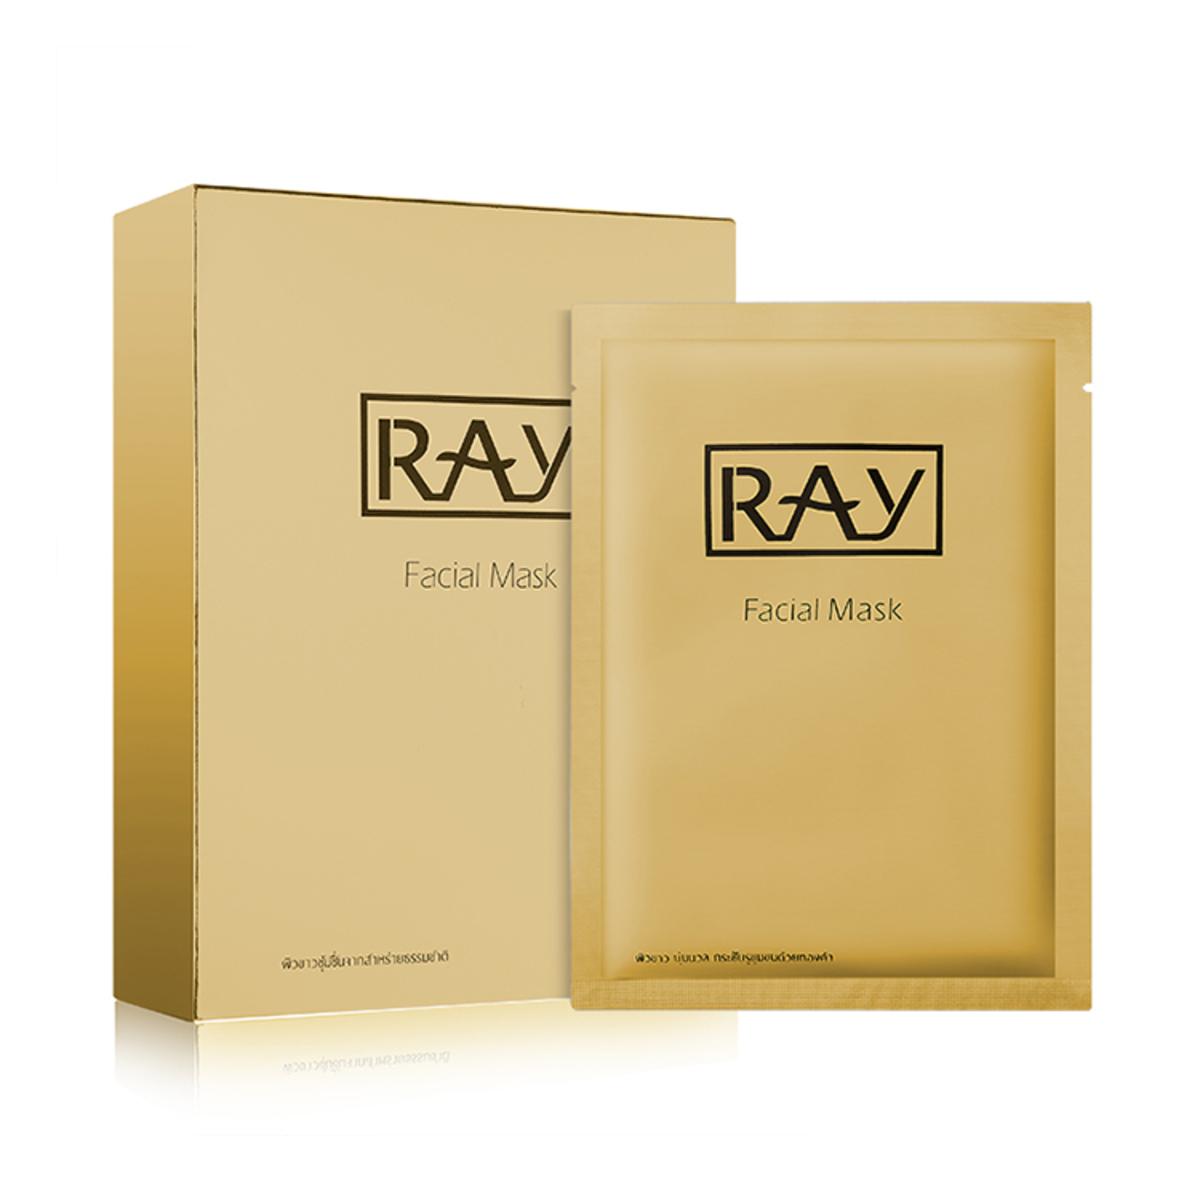 妝蕾泰國蠶絲面膜金色(1盒10片)